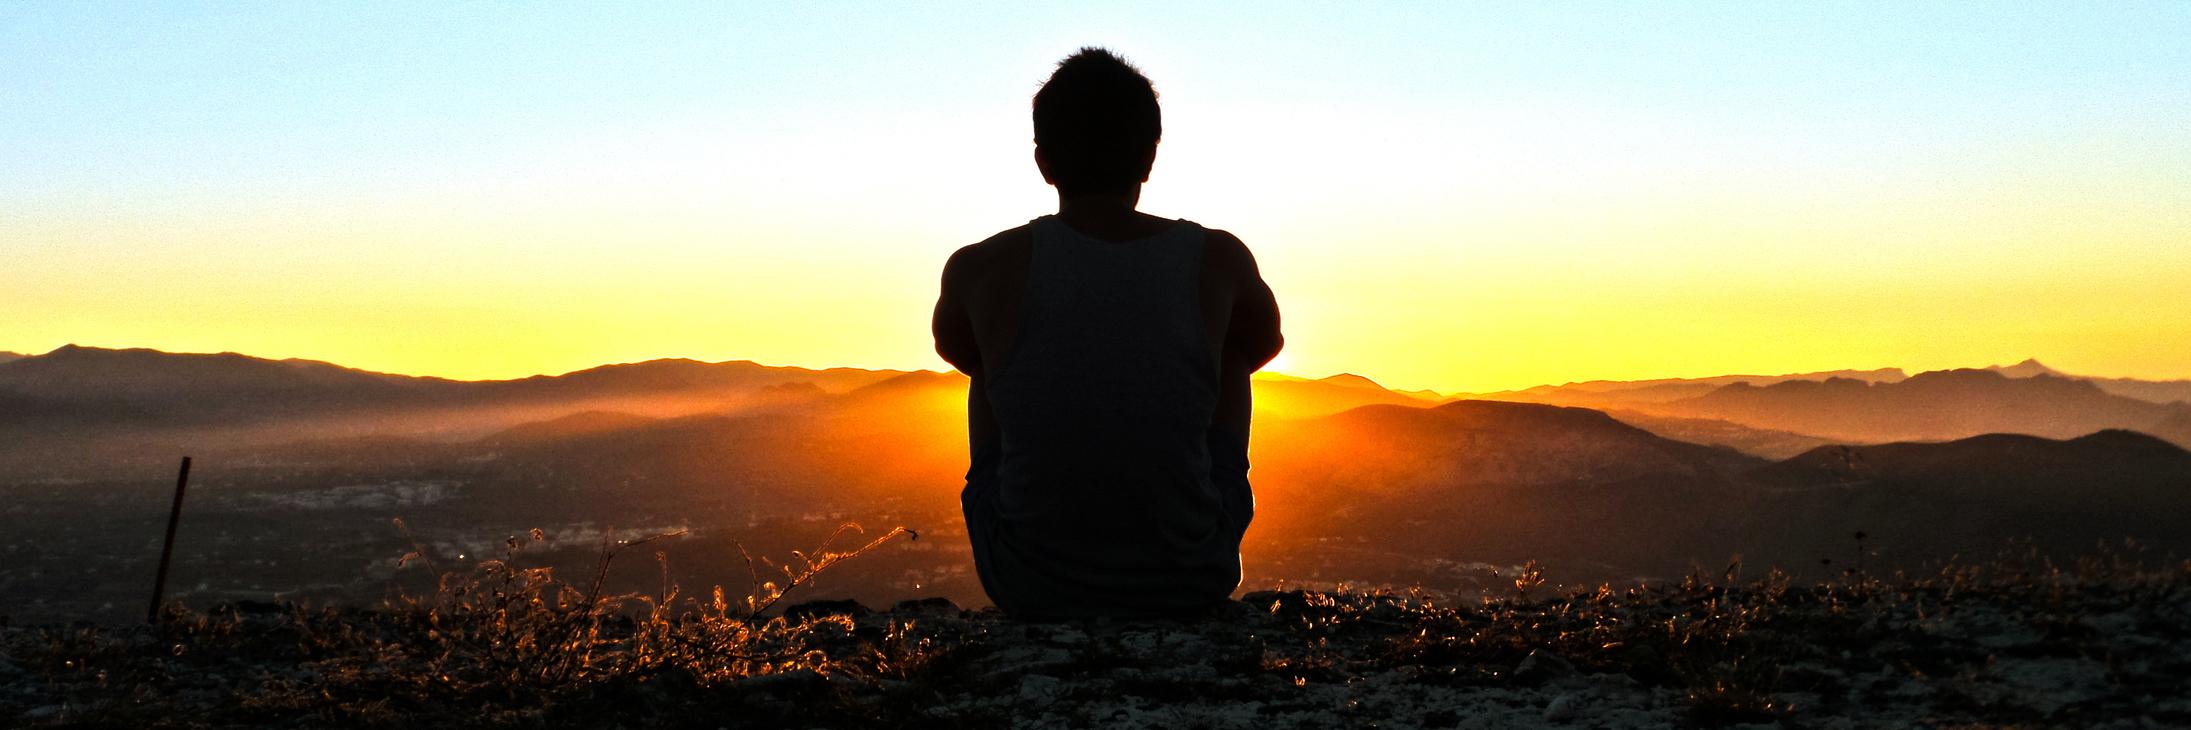 man reflecting at perfect sunset